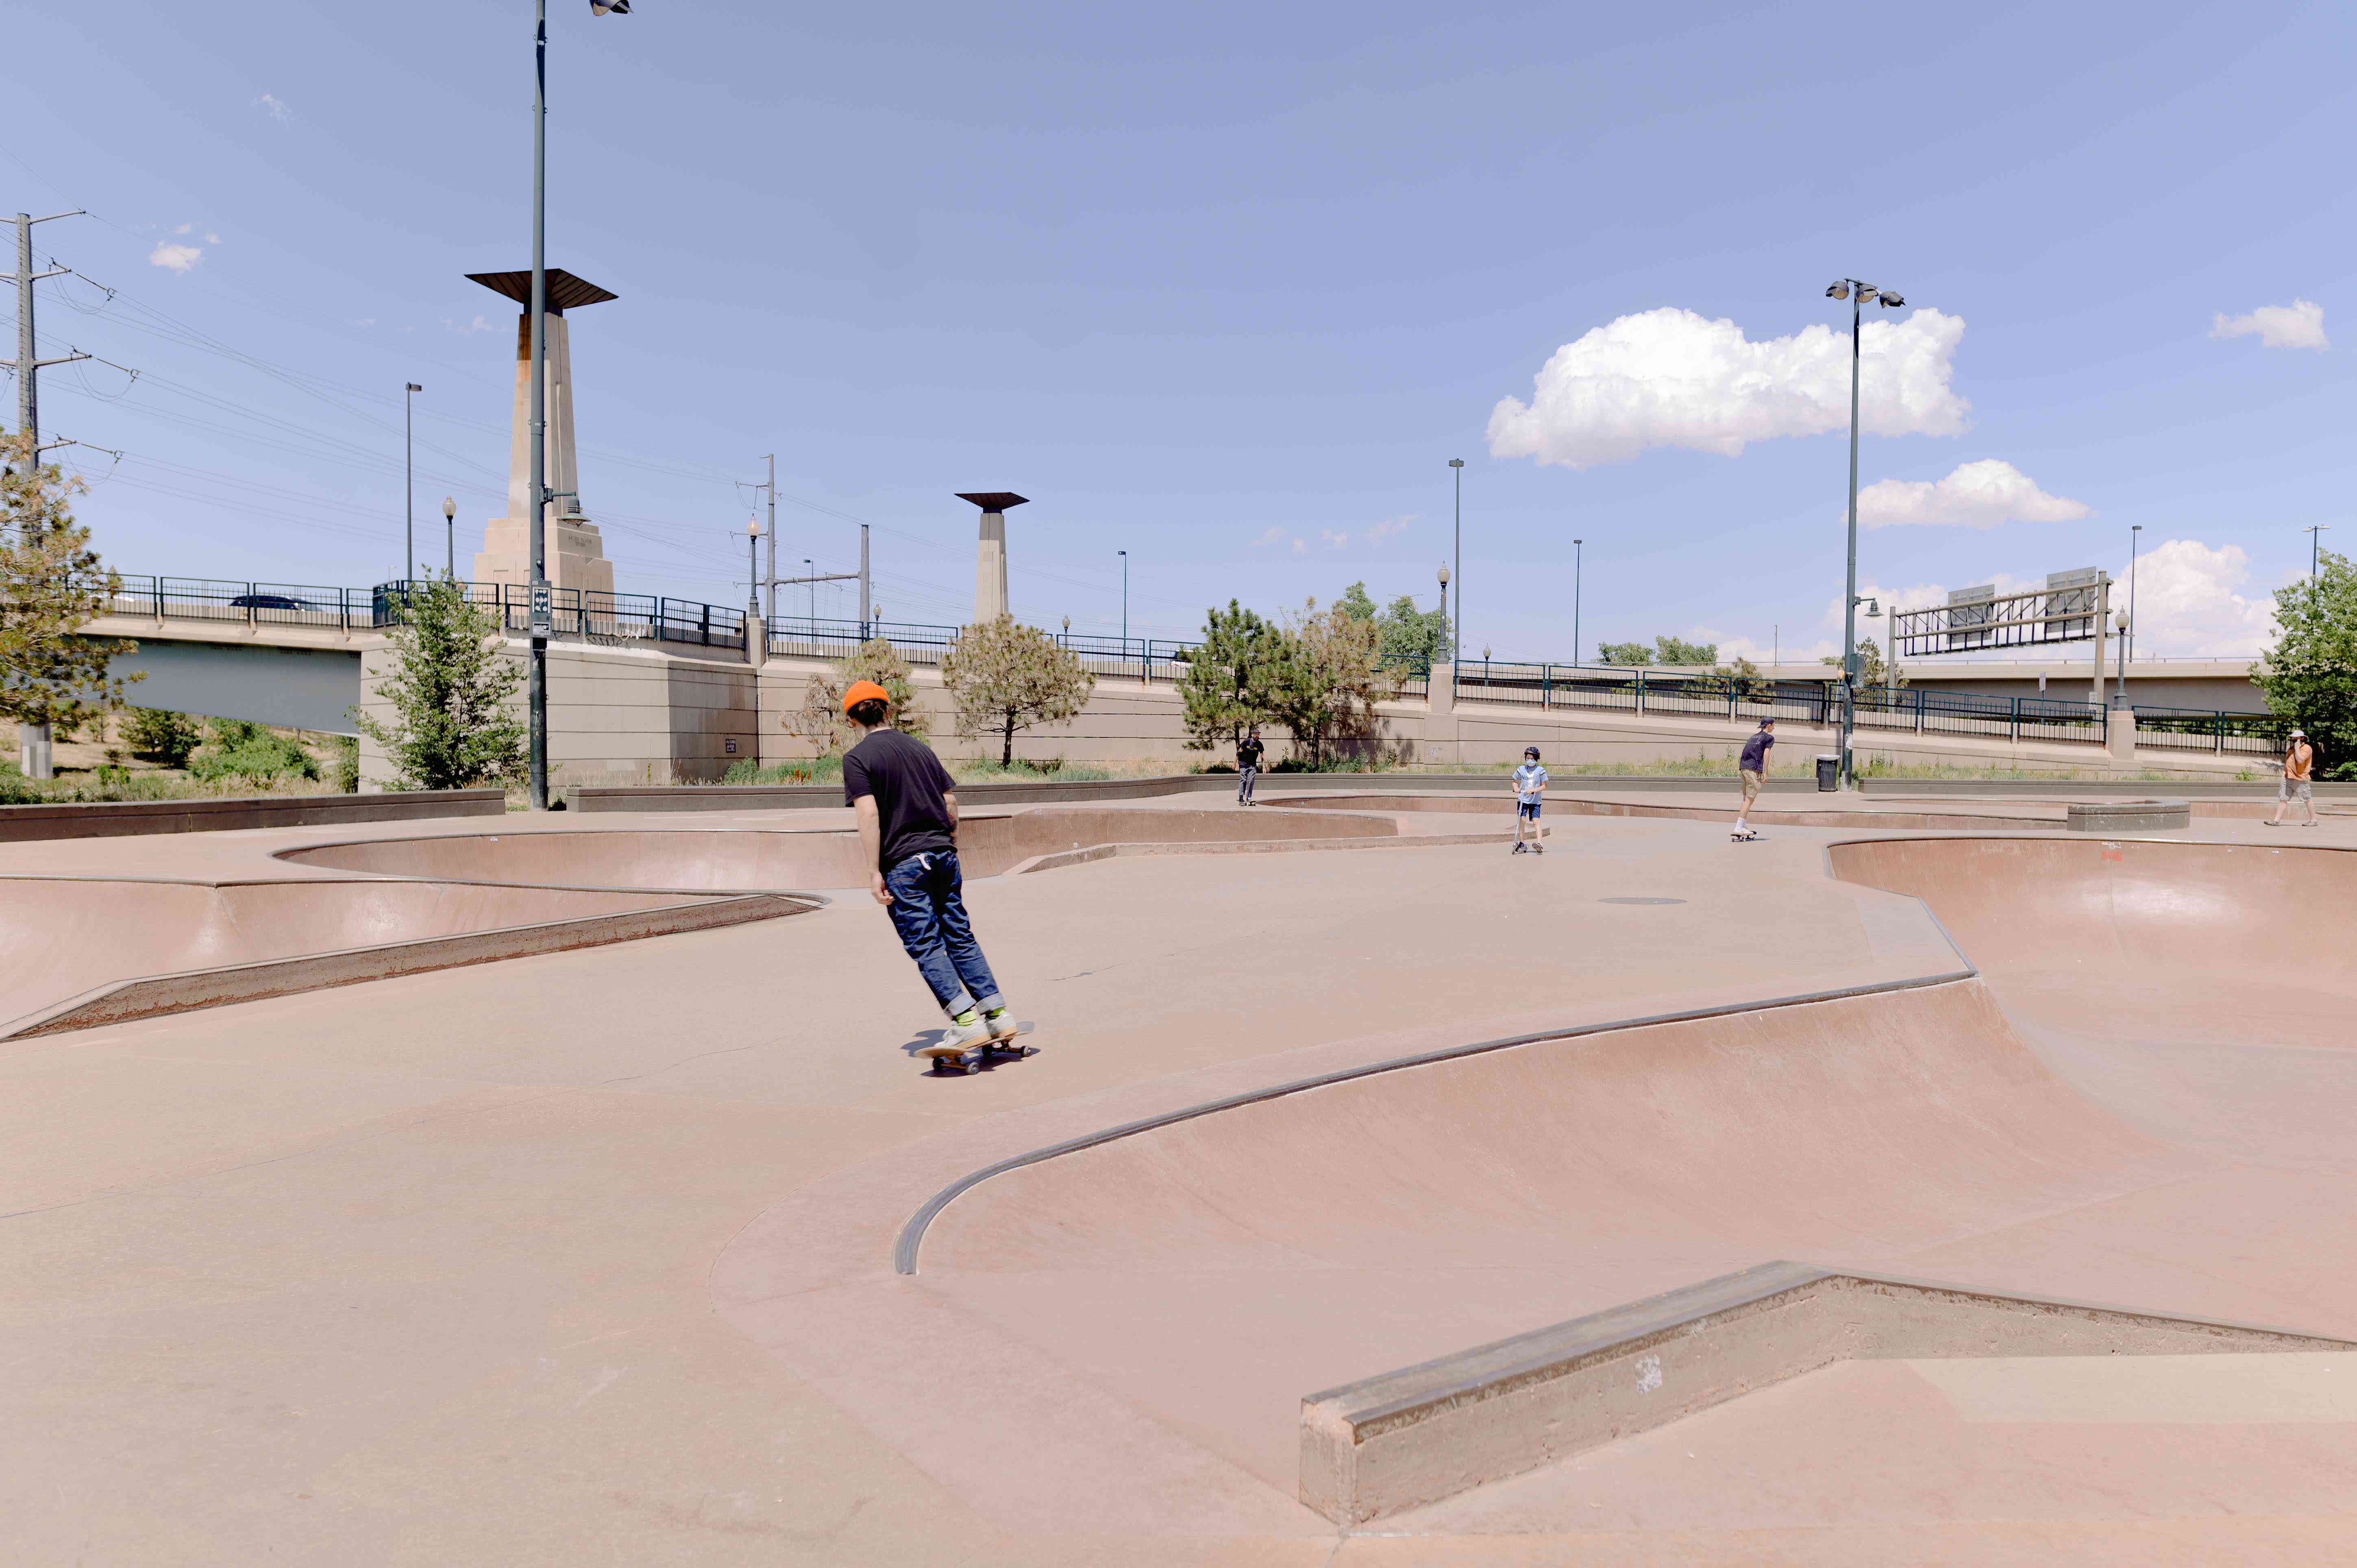 Denver Skatepark in LoDo